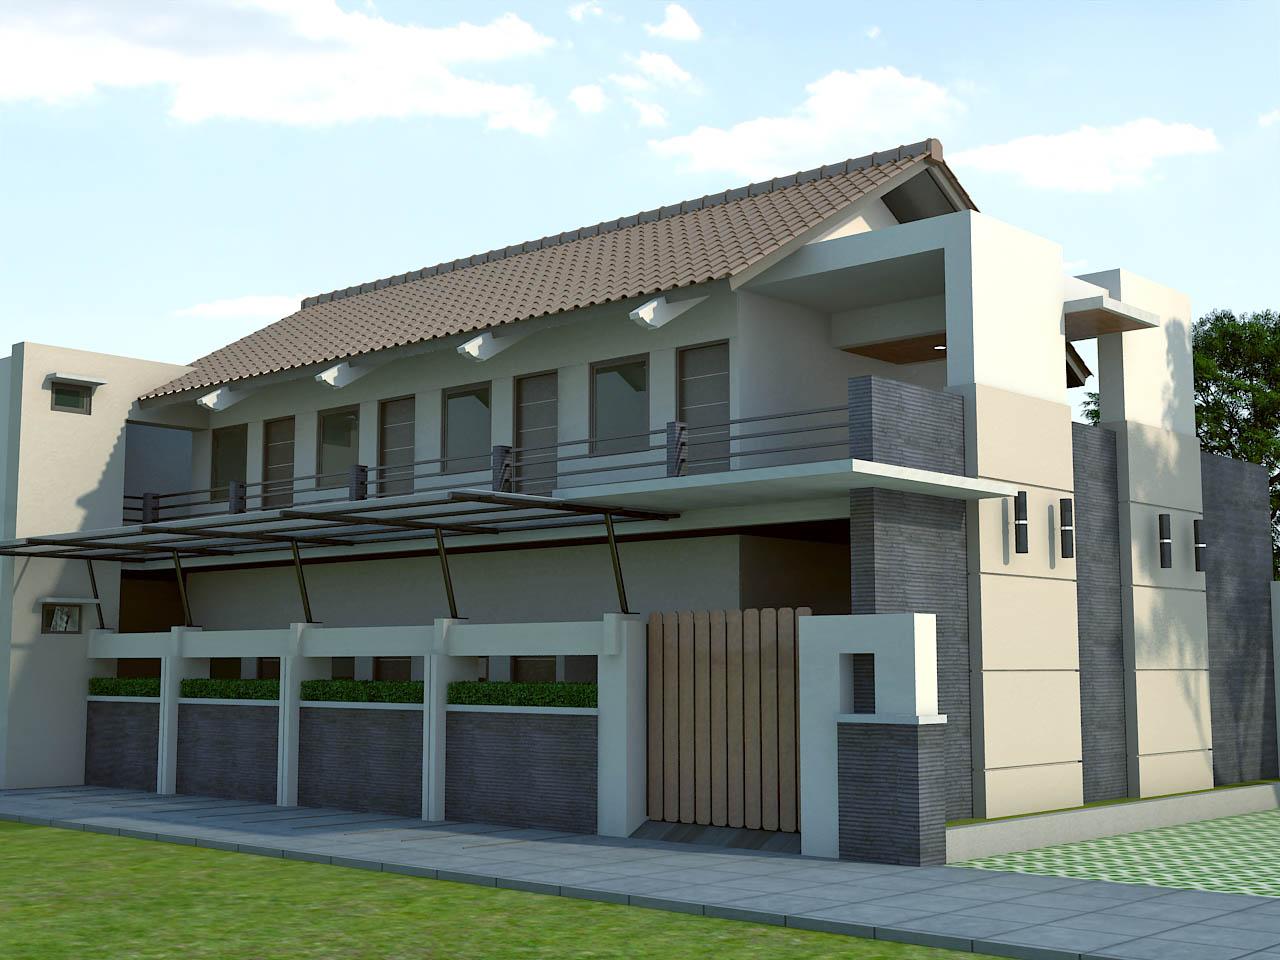 Galeri inspirasi Rumah Minimalis 1 Lantai 2015 yang fungsional